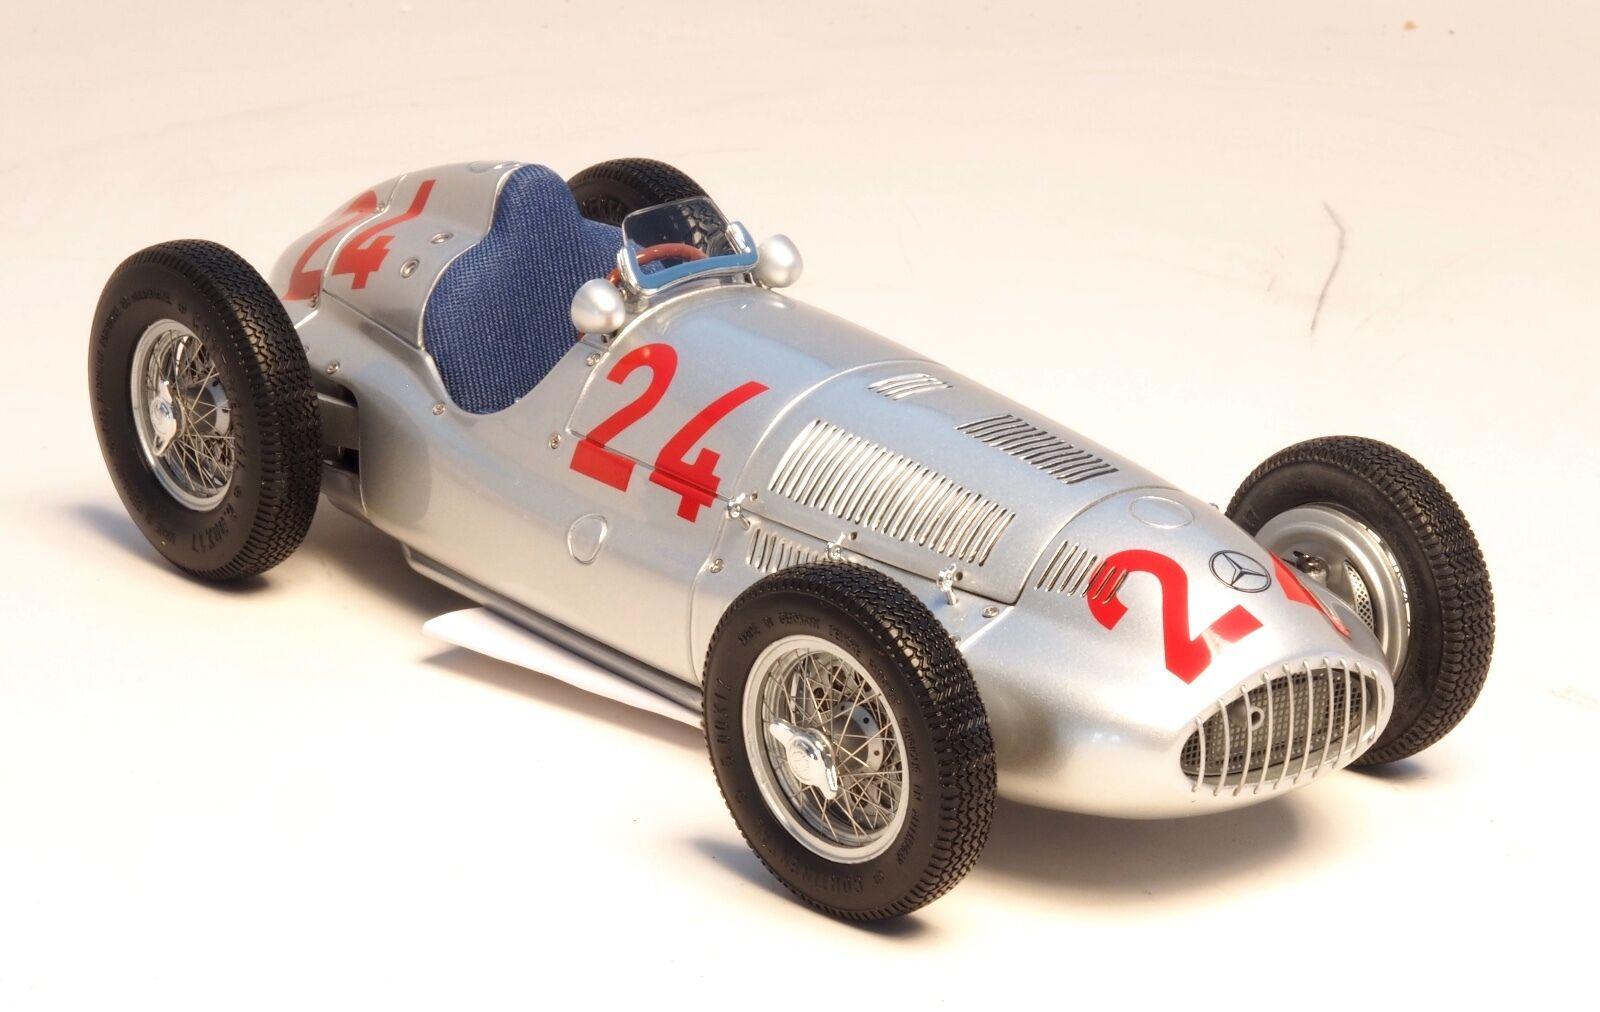 1939 Mercedes-Benz W165 Rudolf Caracciola  24 Tripoli Gran Premio Cmc M-074 1:18